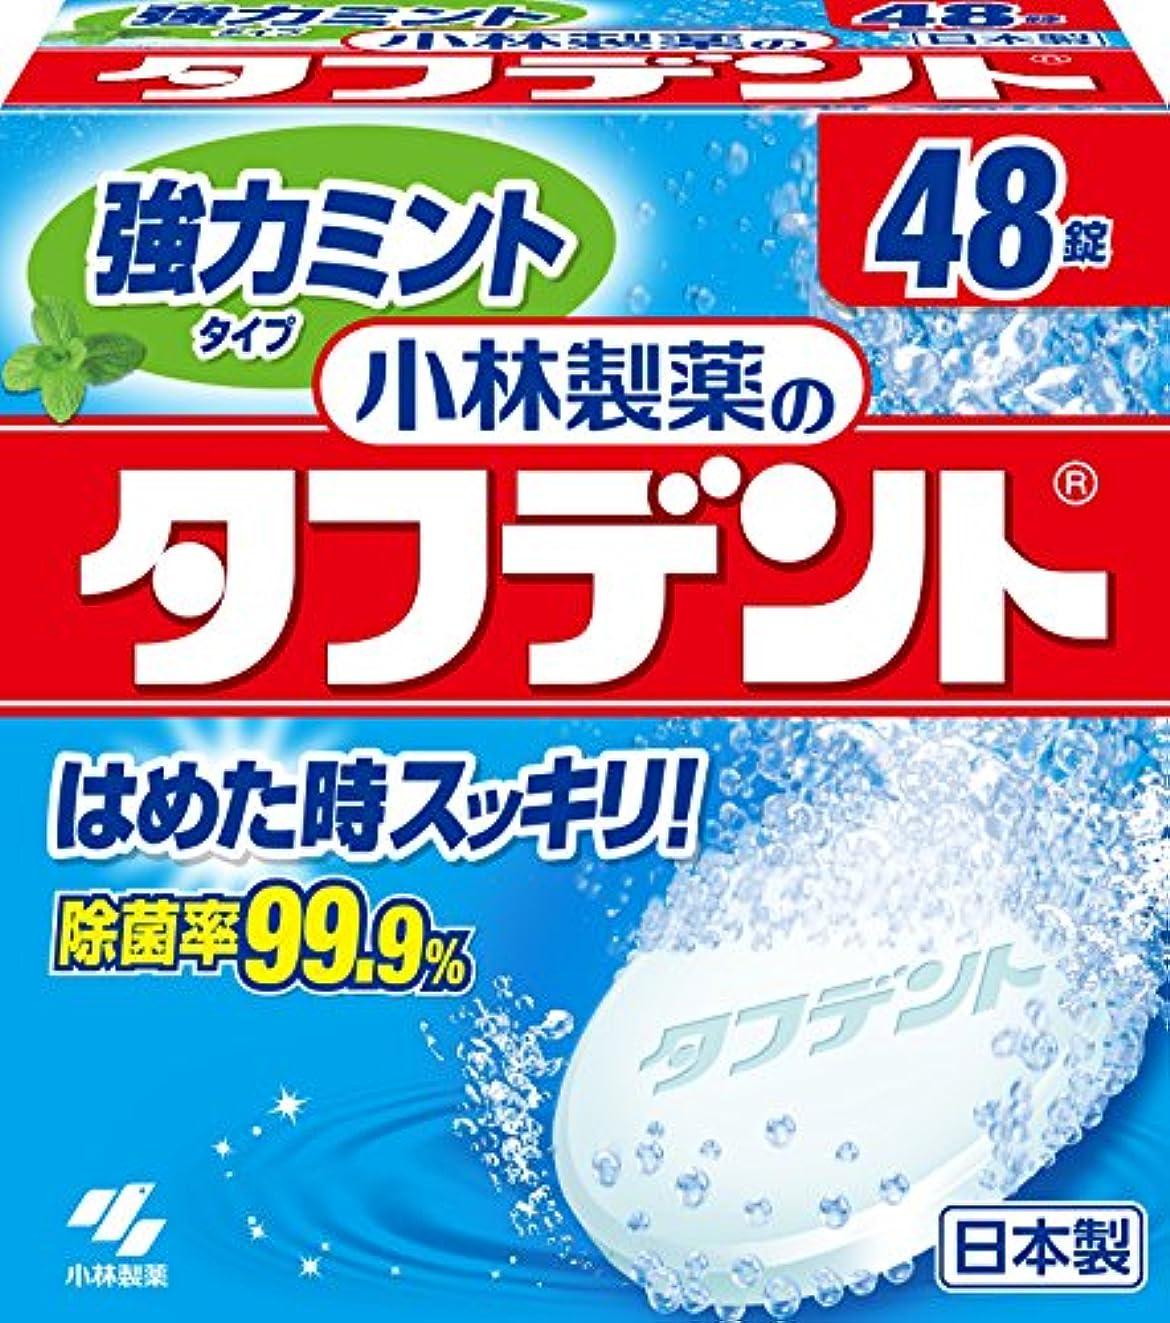 しなやか肥沃な夜の動物園小林製薬のタフデント強力ミントタイプ 入れ歯用洗浄剤 ミントの香り 48錠